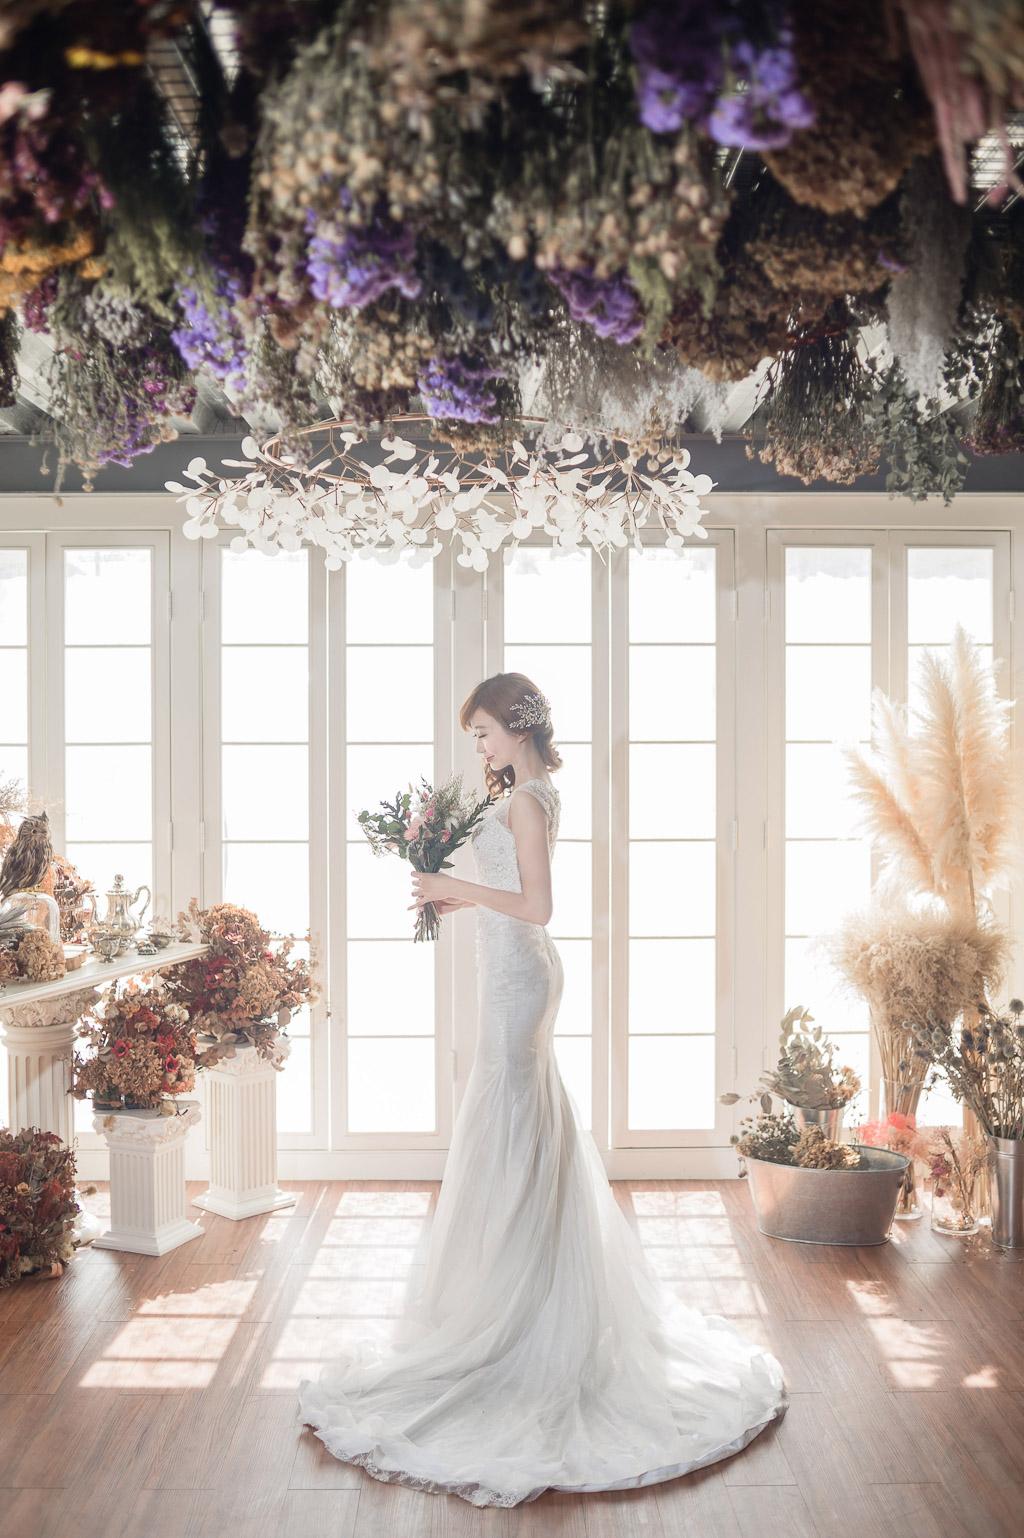 婚攝小勇,婚禮紀錄,自助婚紗,囍聚,vivian-003